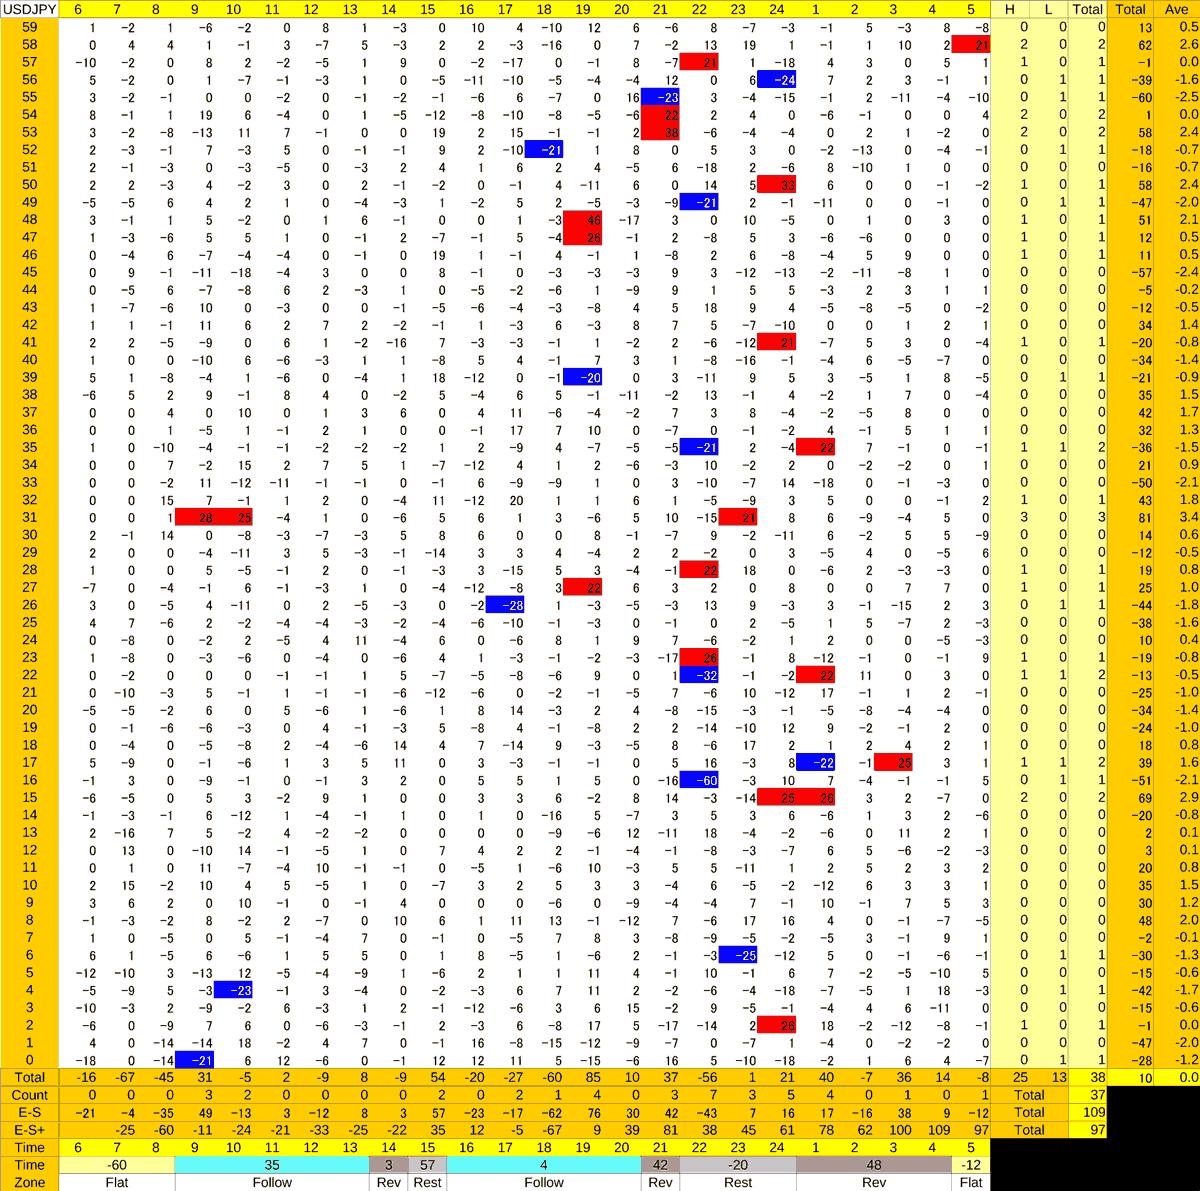 20201208_HS(1)USDJPY